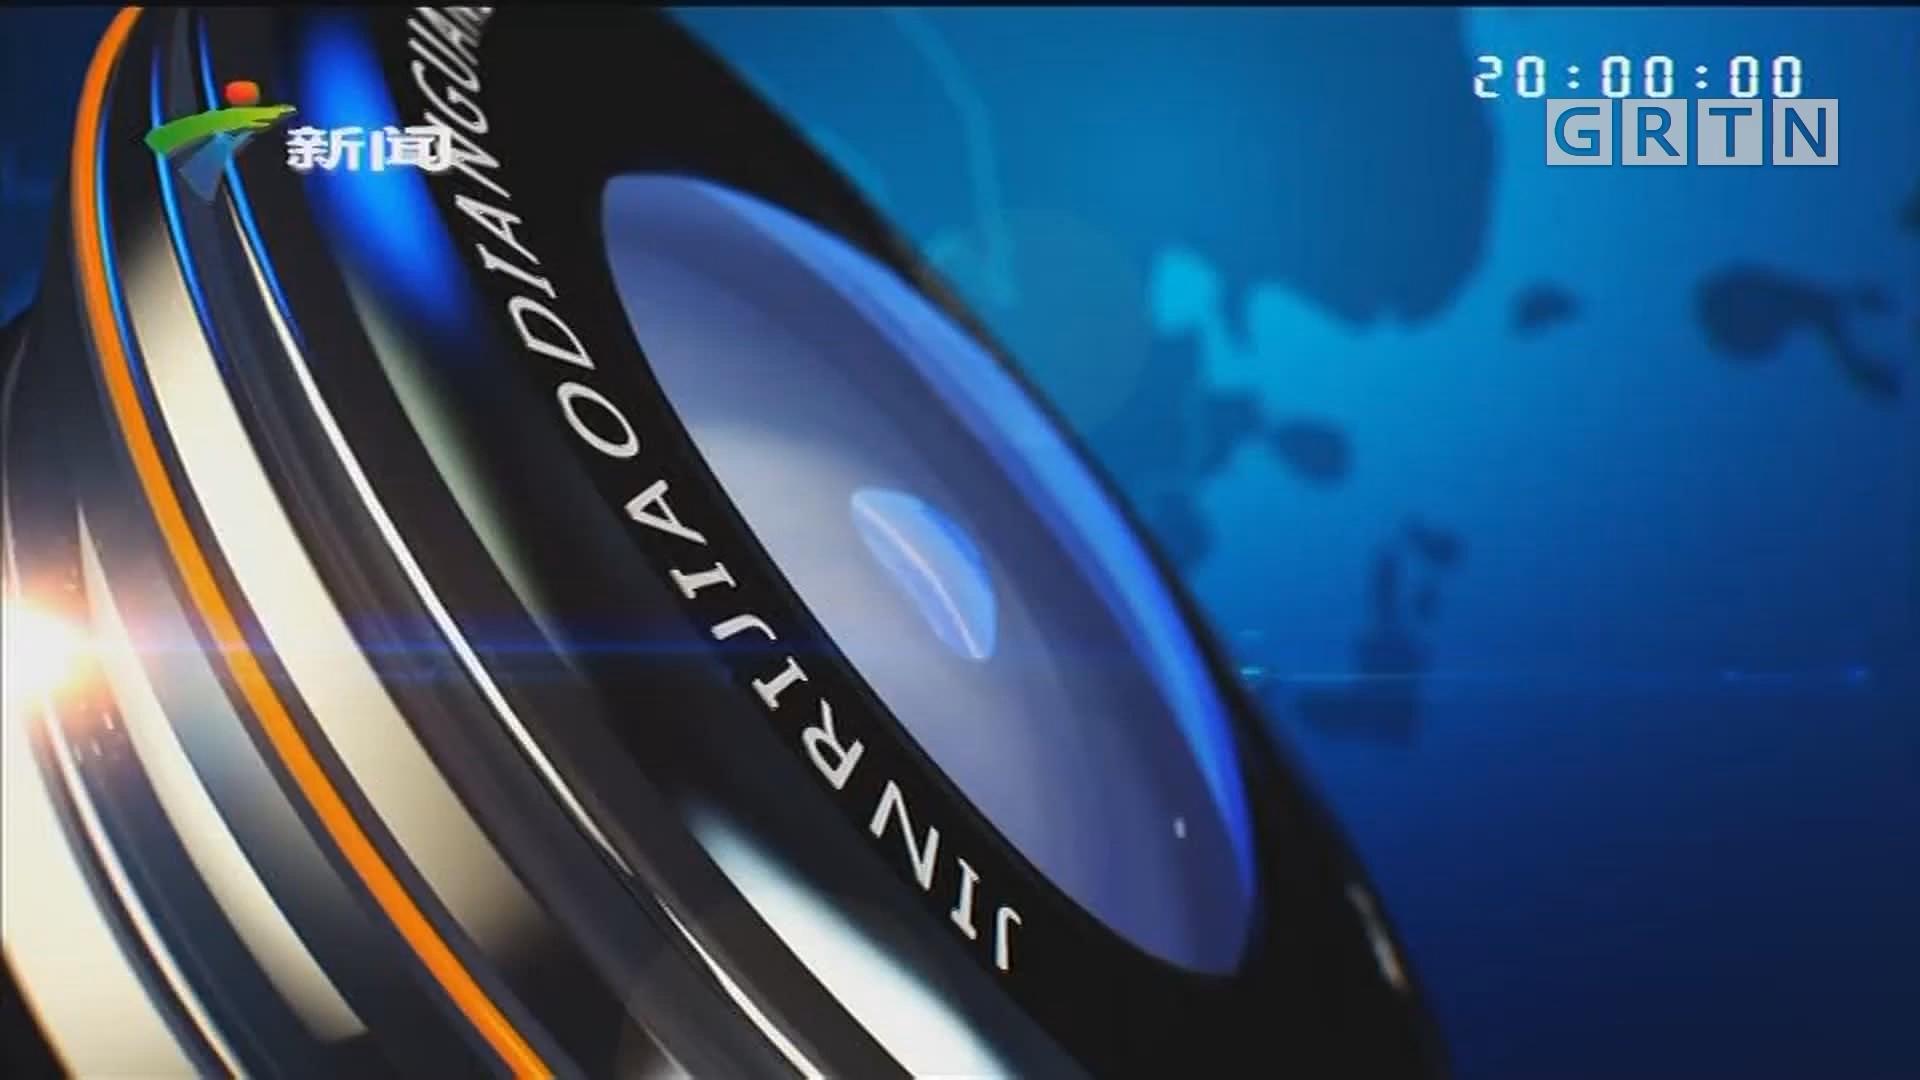 [HD][2019-09-18]今日焦点:深圳:首批全国交通一卡通发行 可刷遍250个城市